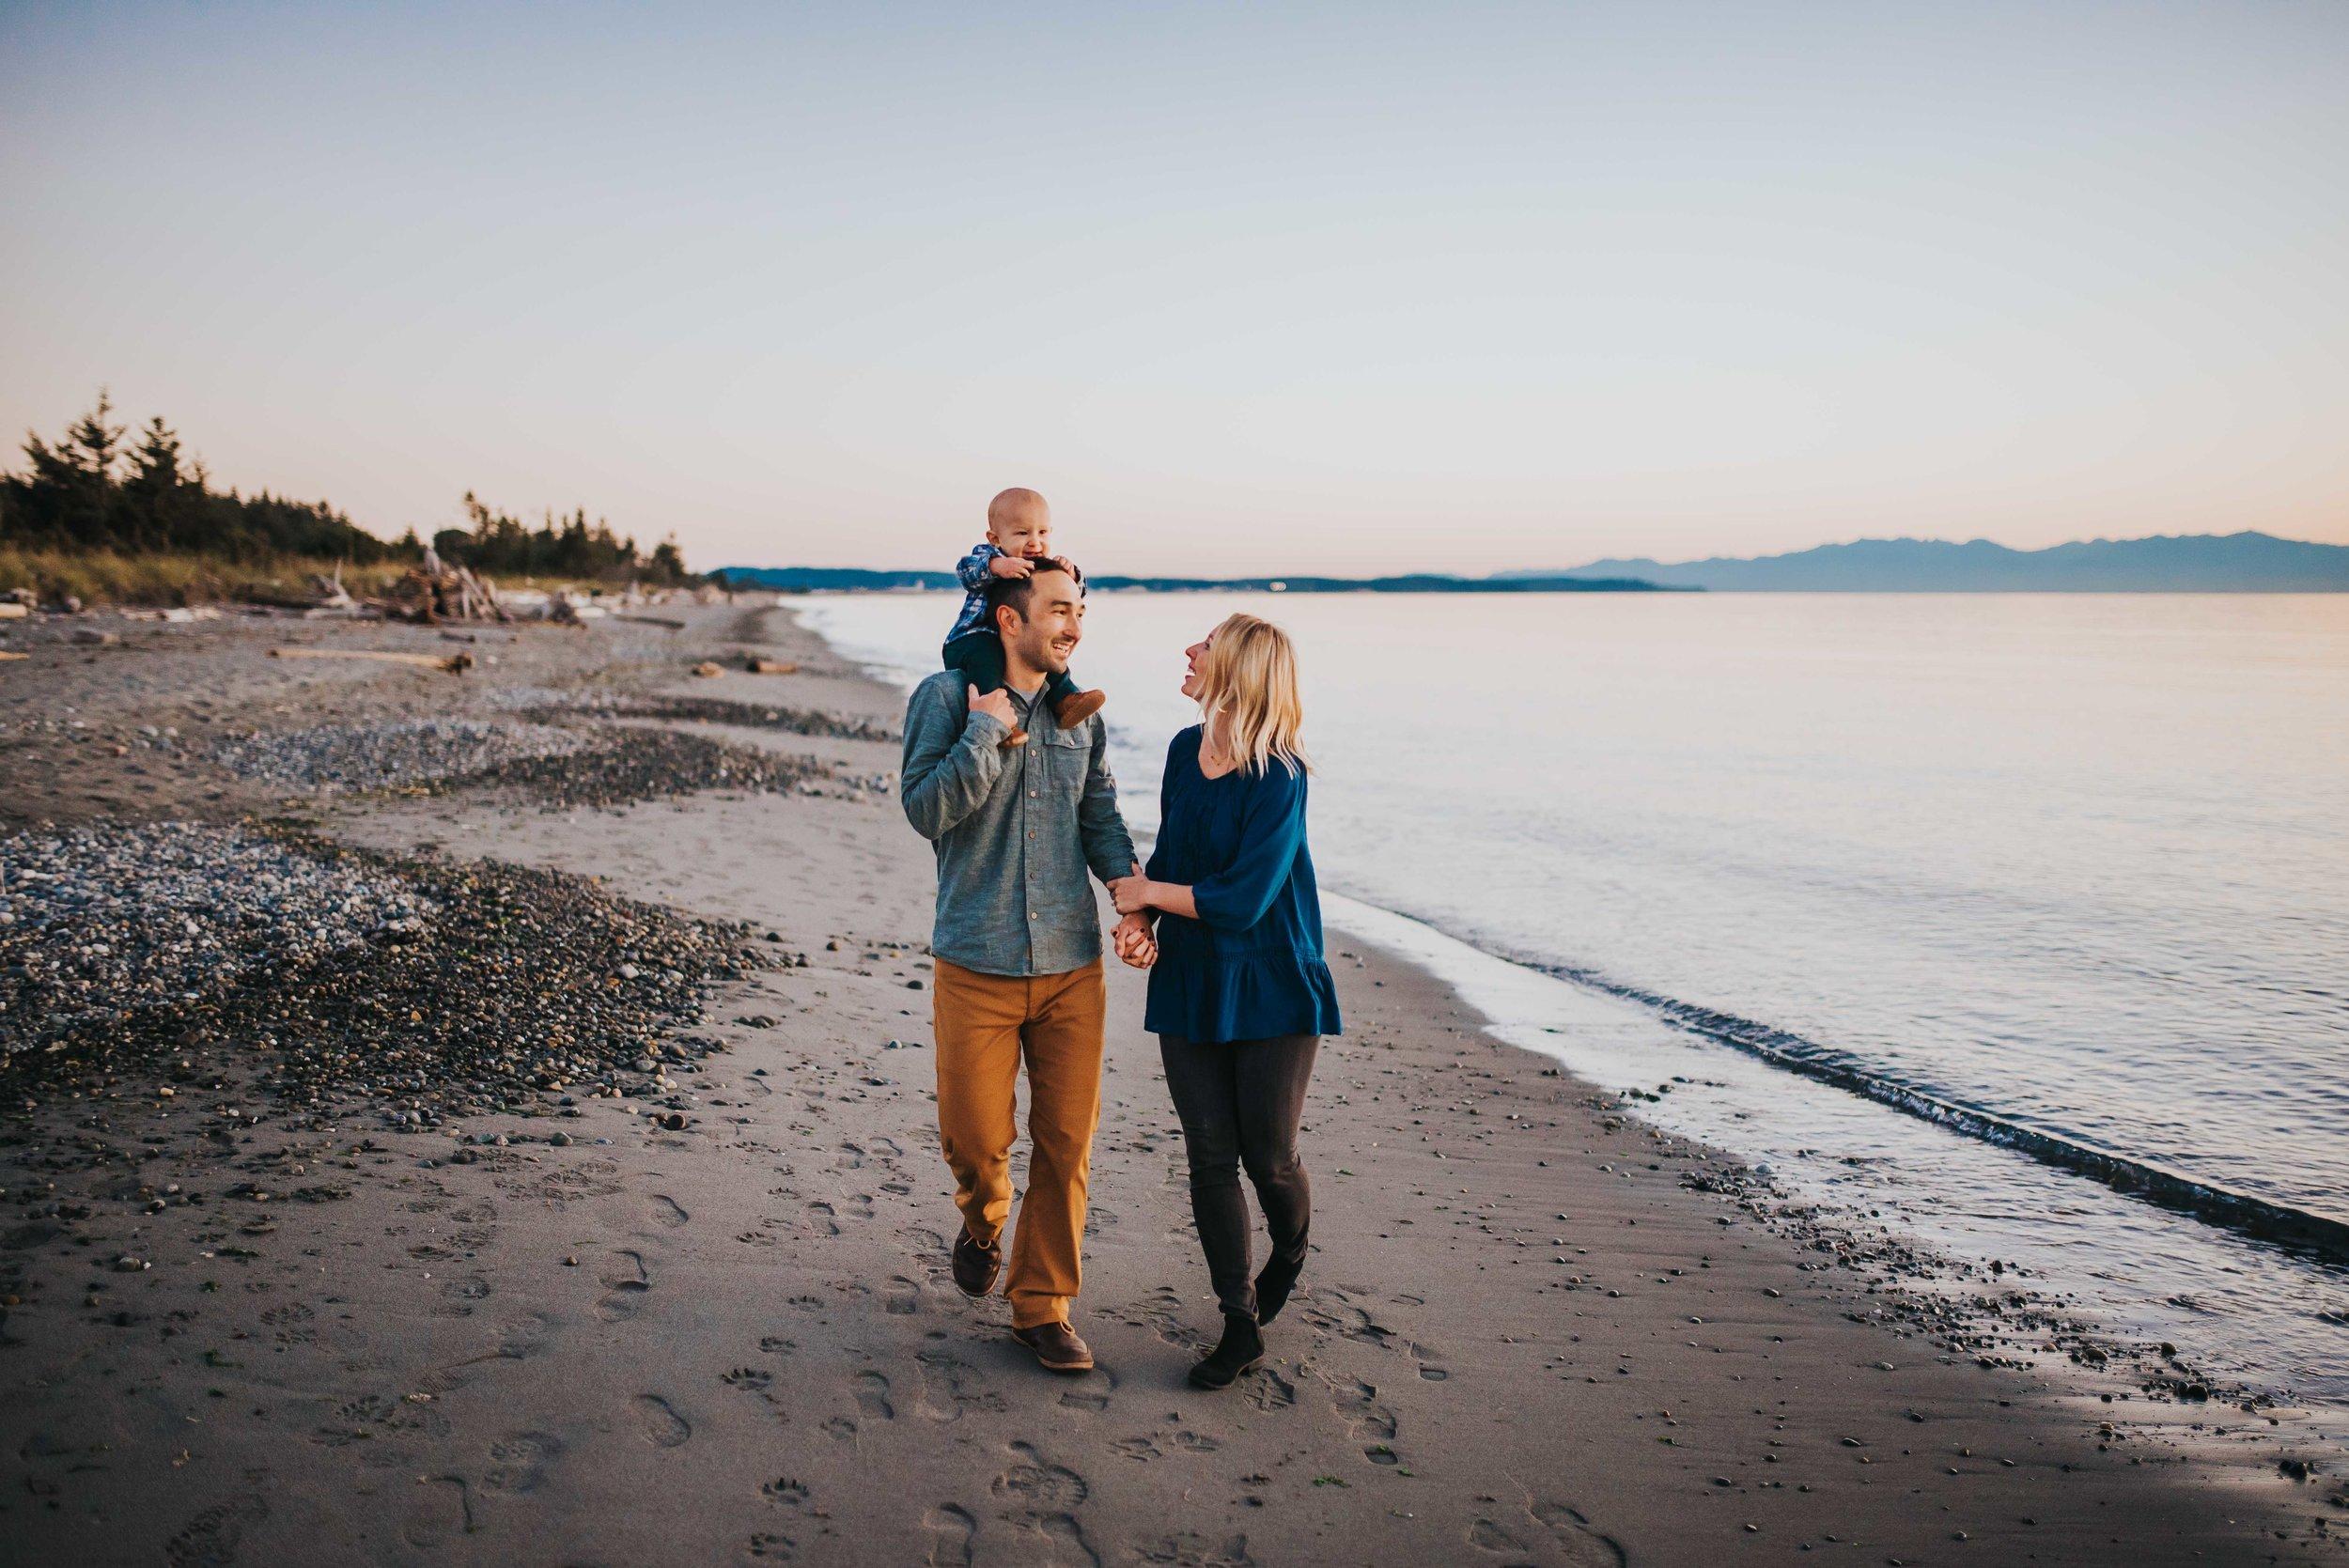 Oak-Harbor-Photographer-J-Hodges-41.jpg